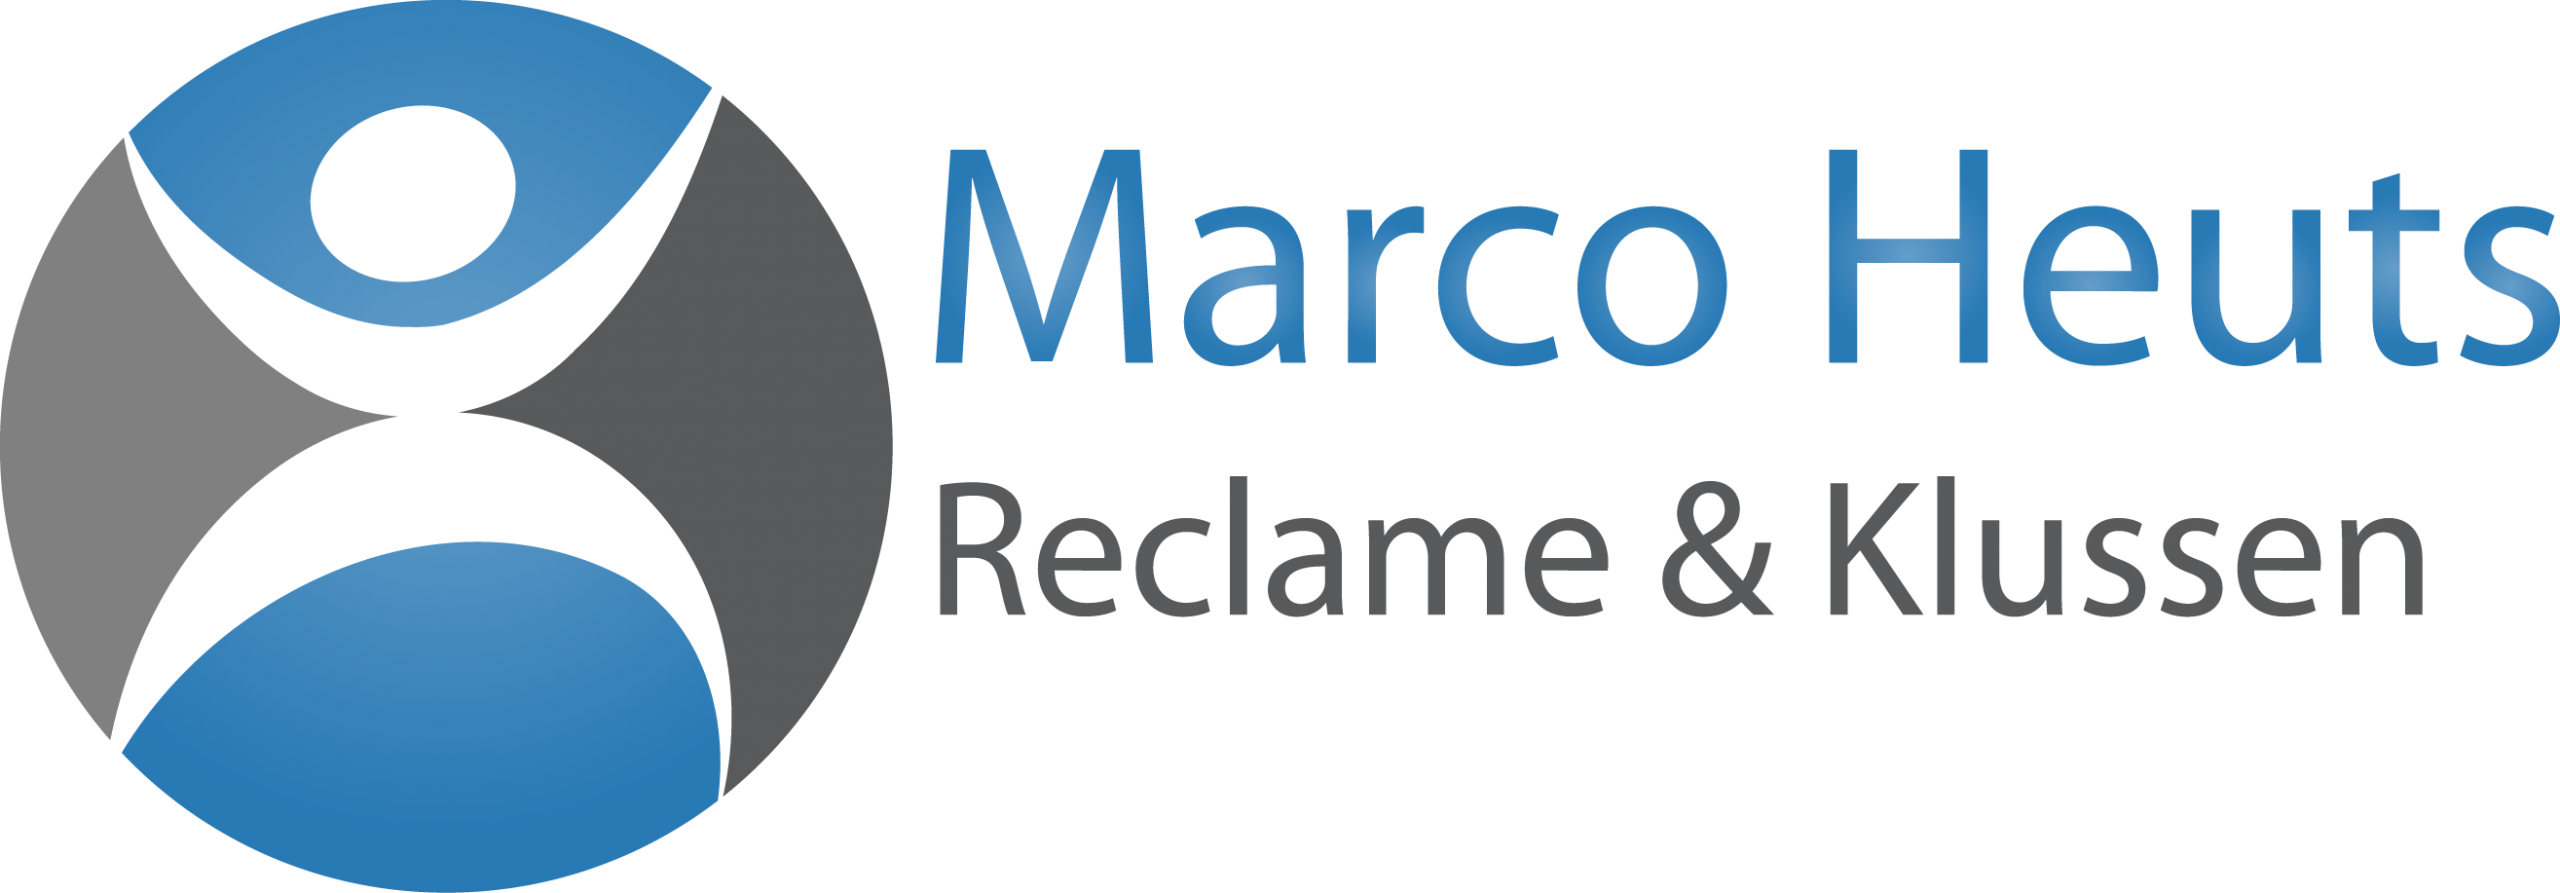 cropped-logo-Marco-Heuts-Reclame-klussen